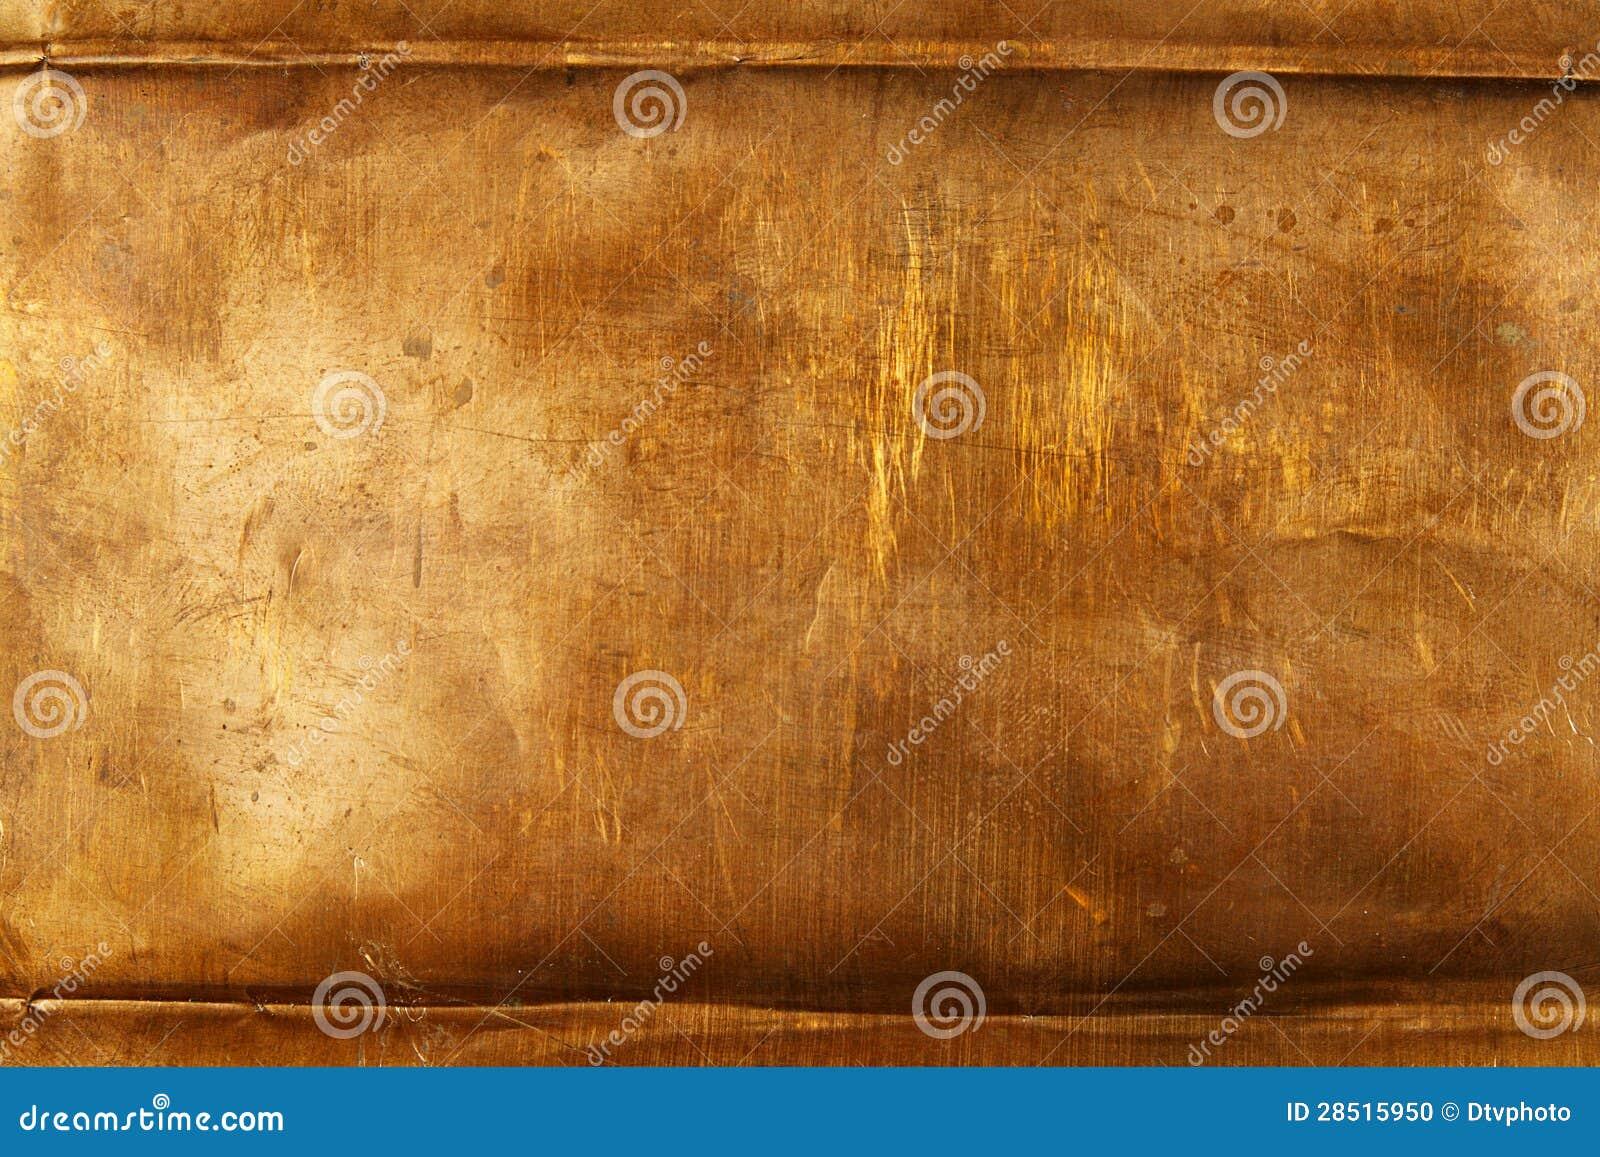 Bronze Sheet Metal Stock Photo Image 28515950